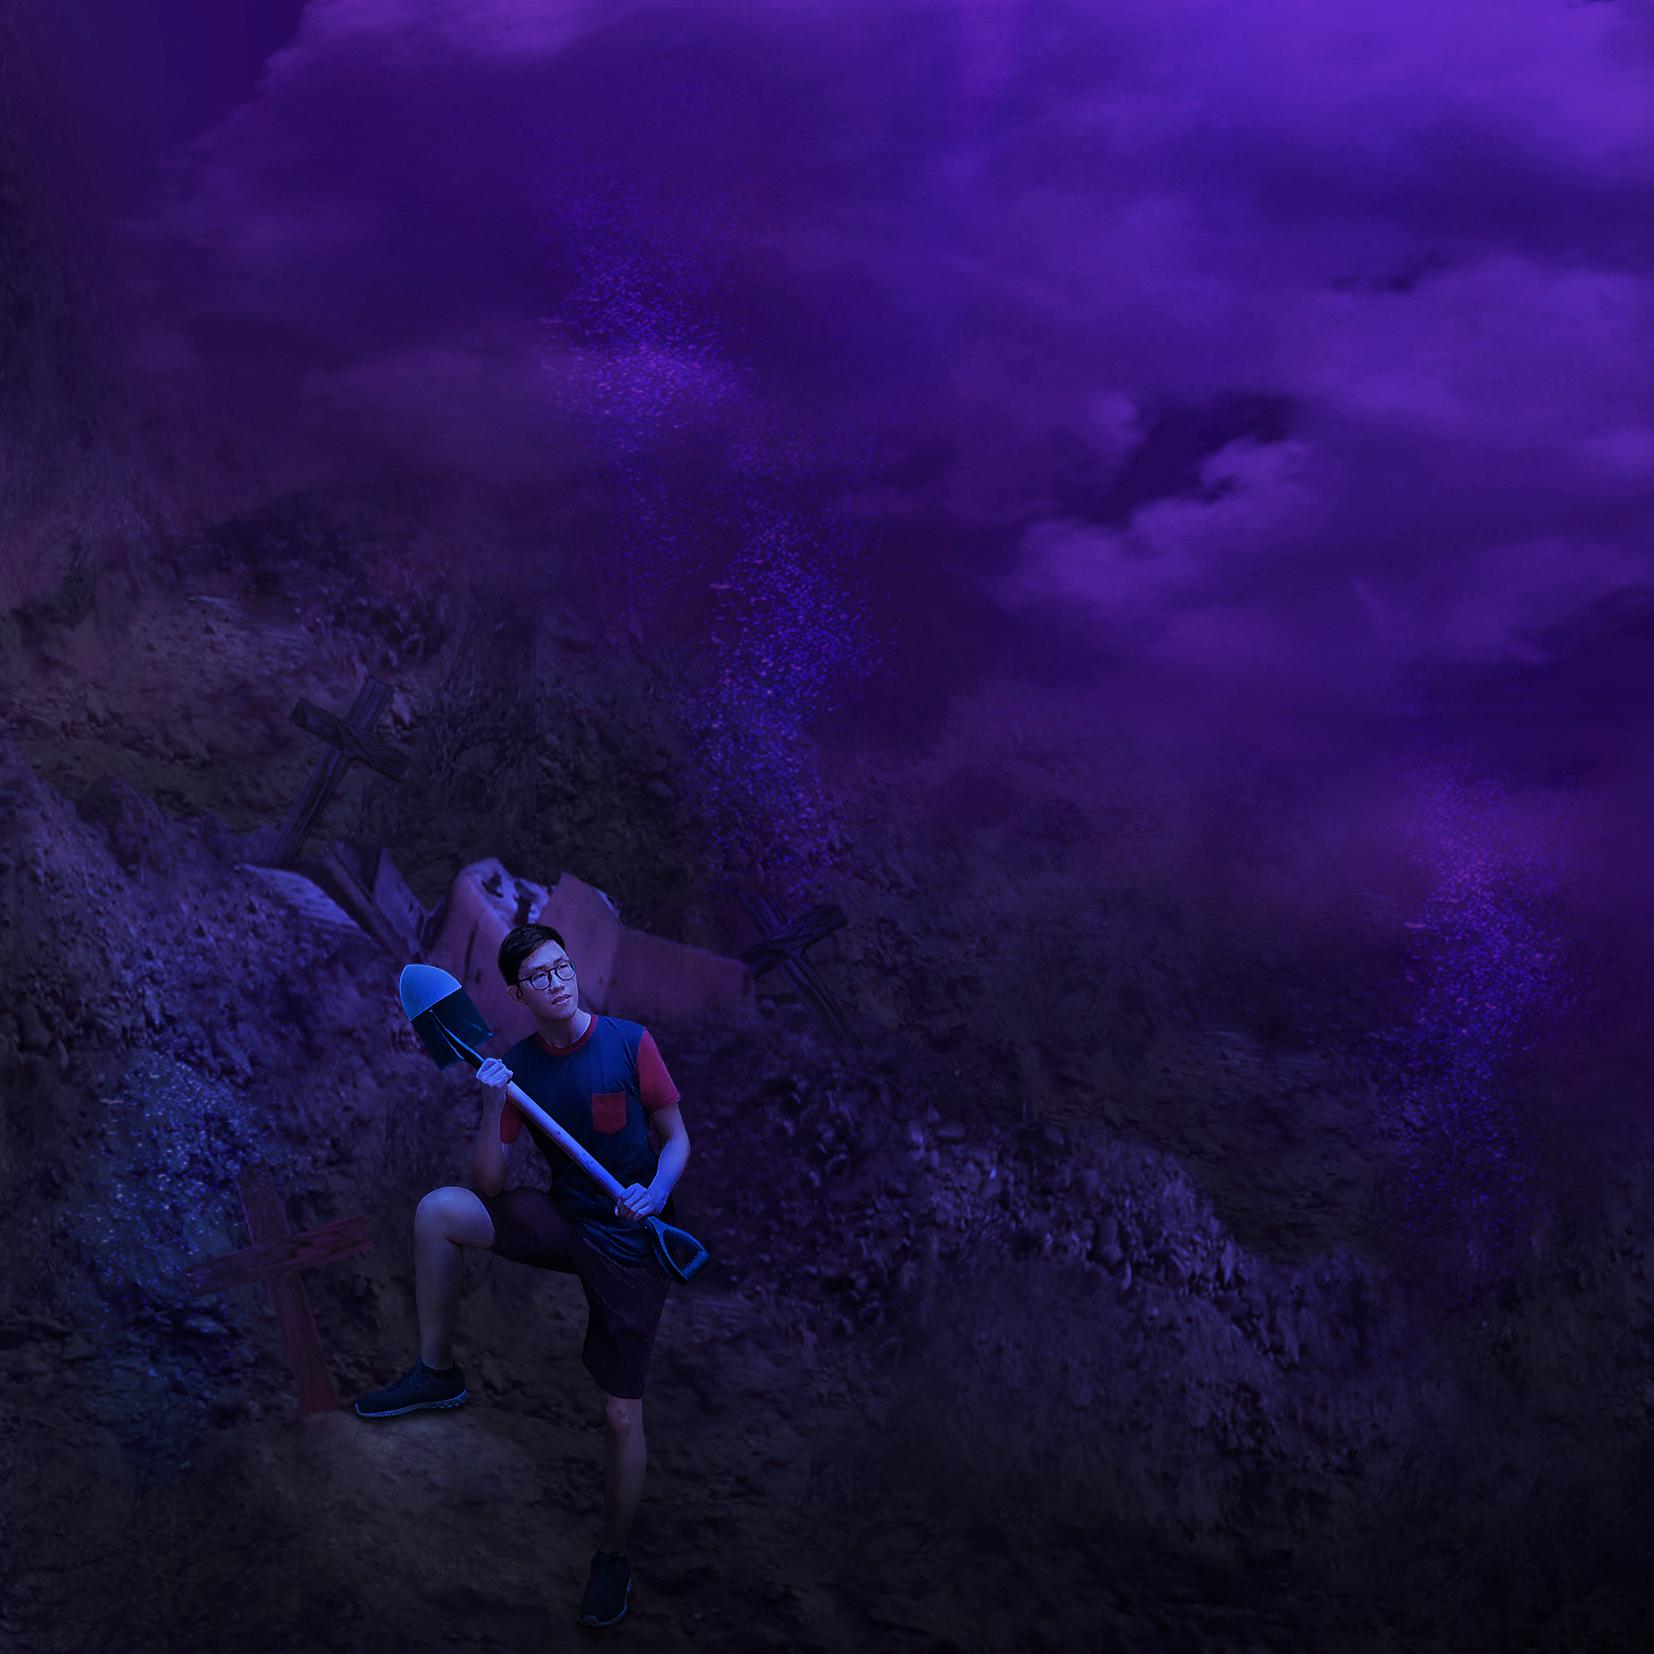 Great Burial Reef Digital Art by Alvin Sim